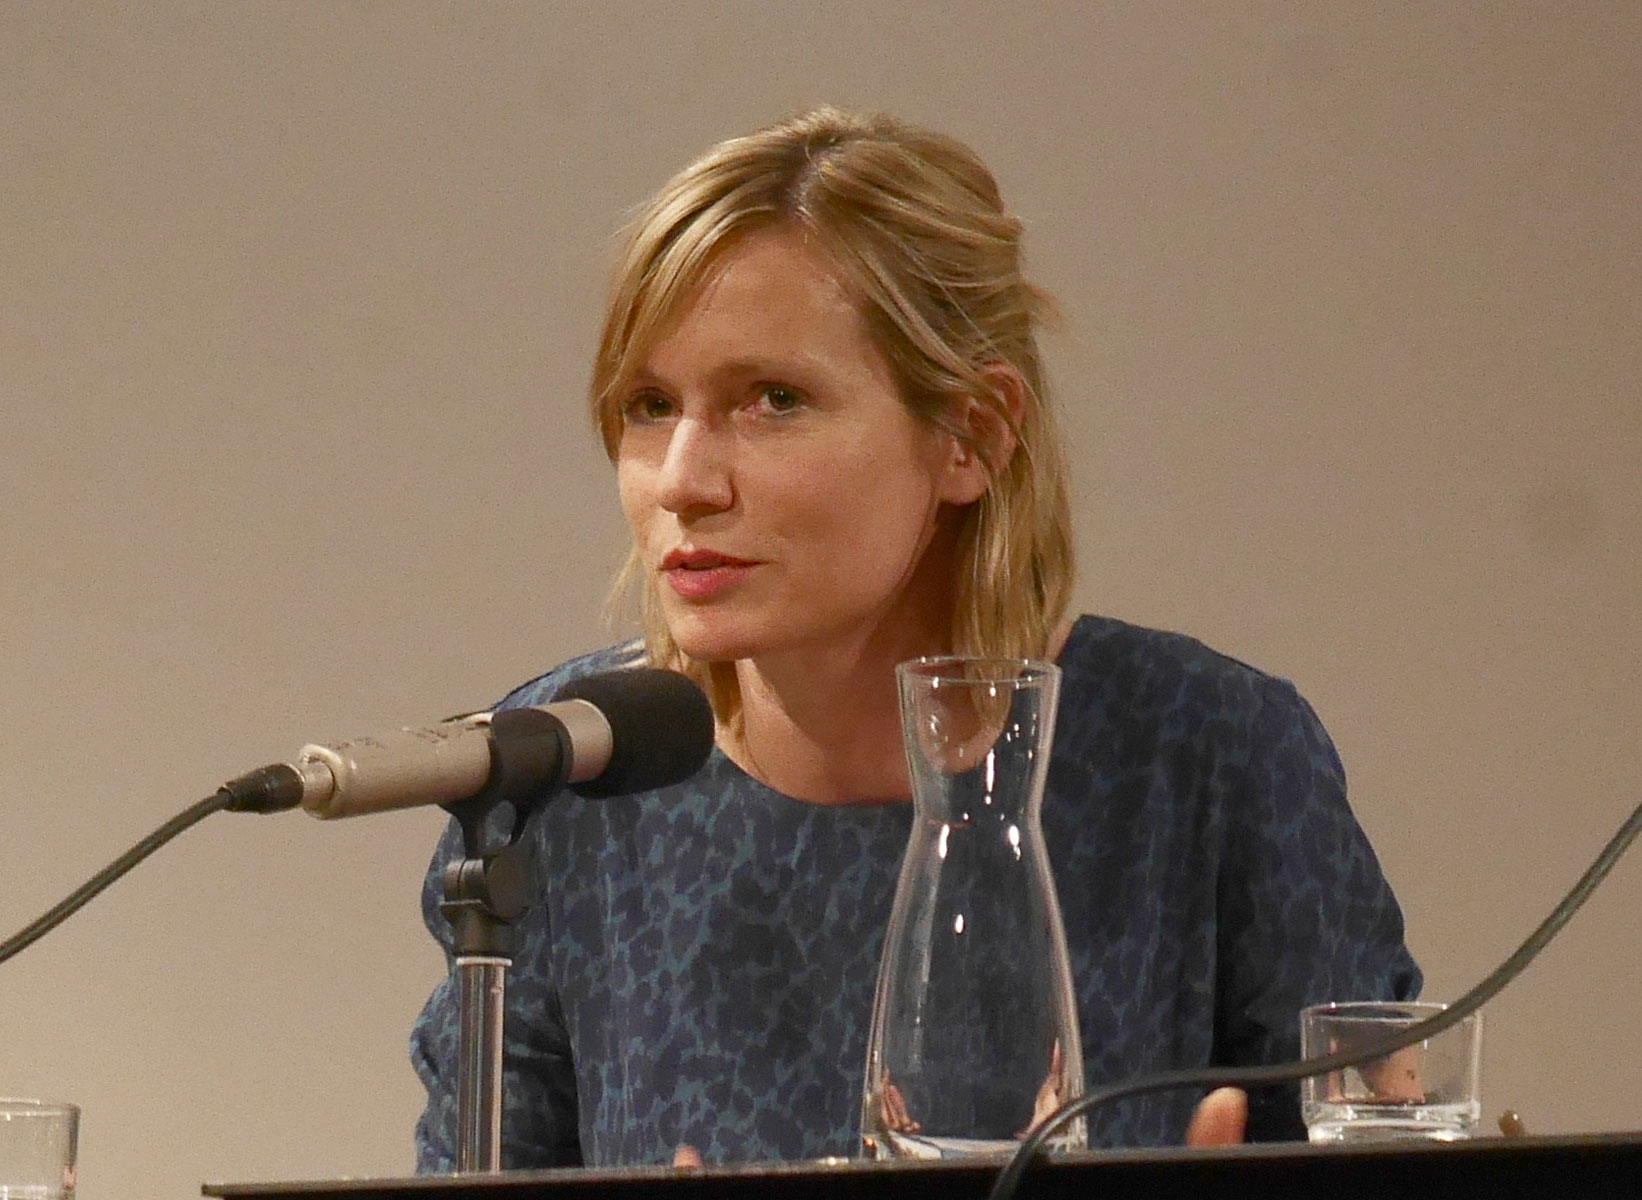 Barbara Honigmann, Géraldine Schwarz: Groß-/Väter, Dienstag, 25.06.19               /                   19.30              Uhr <br/>(c) Heiner Wittmann